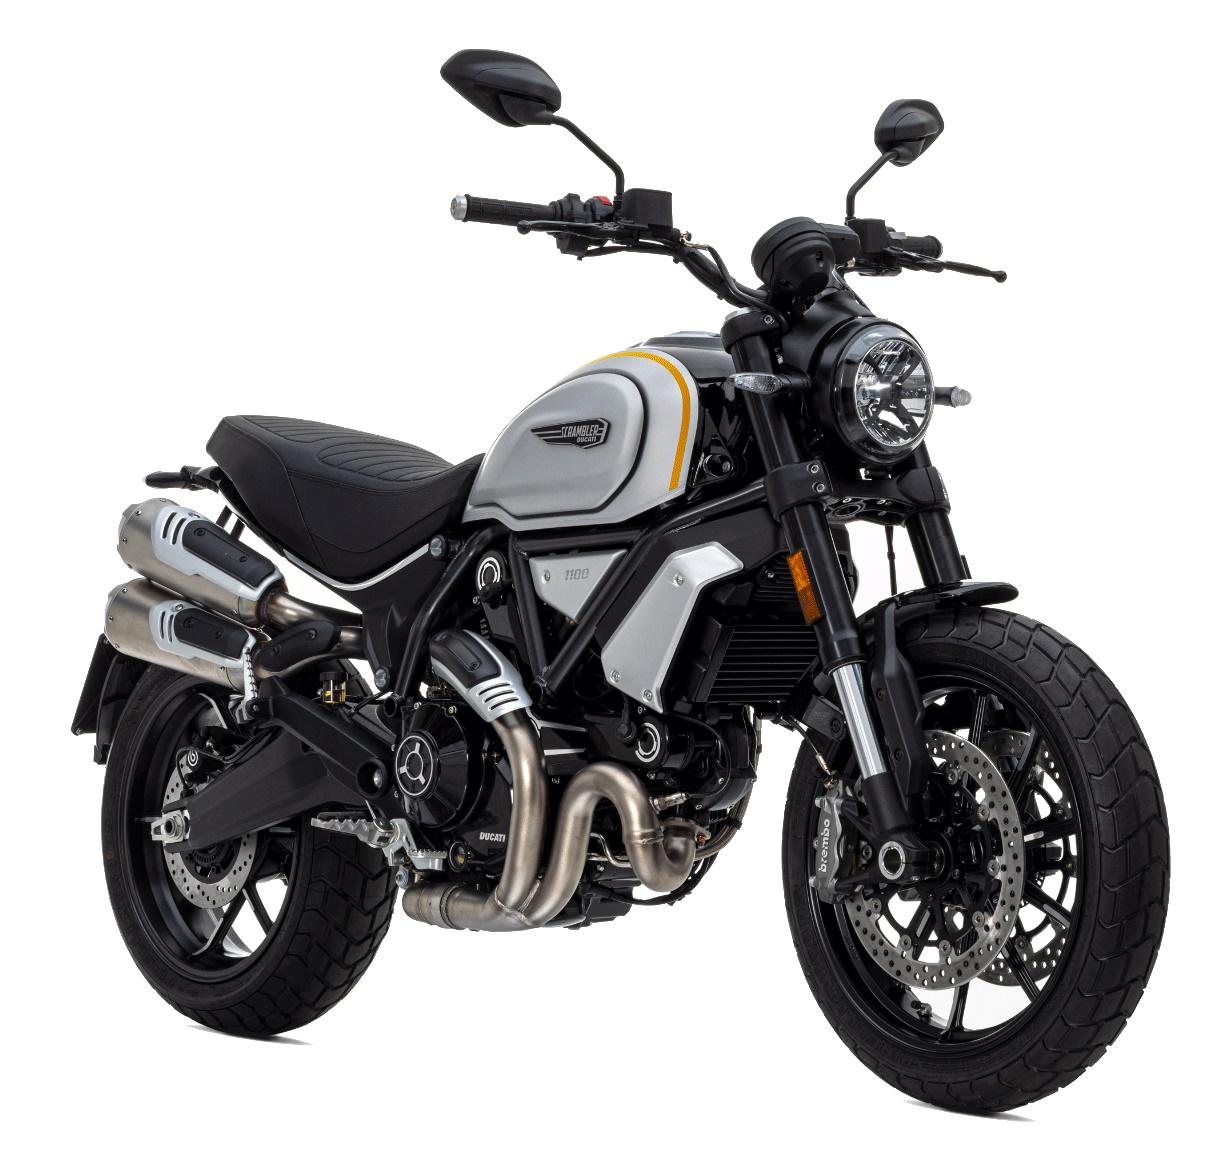 Ducati Scrambler 1100 2020